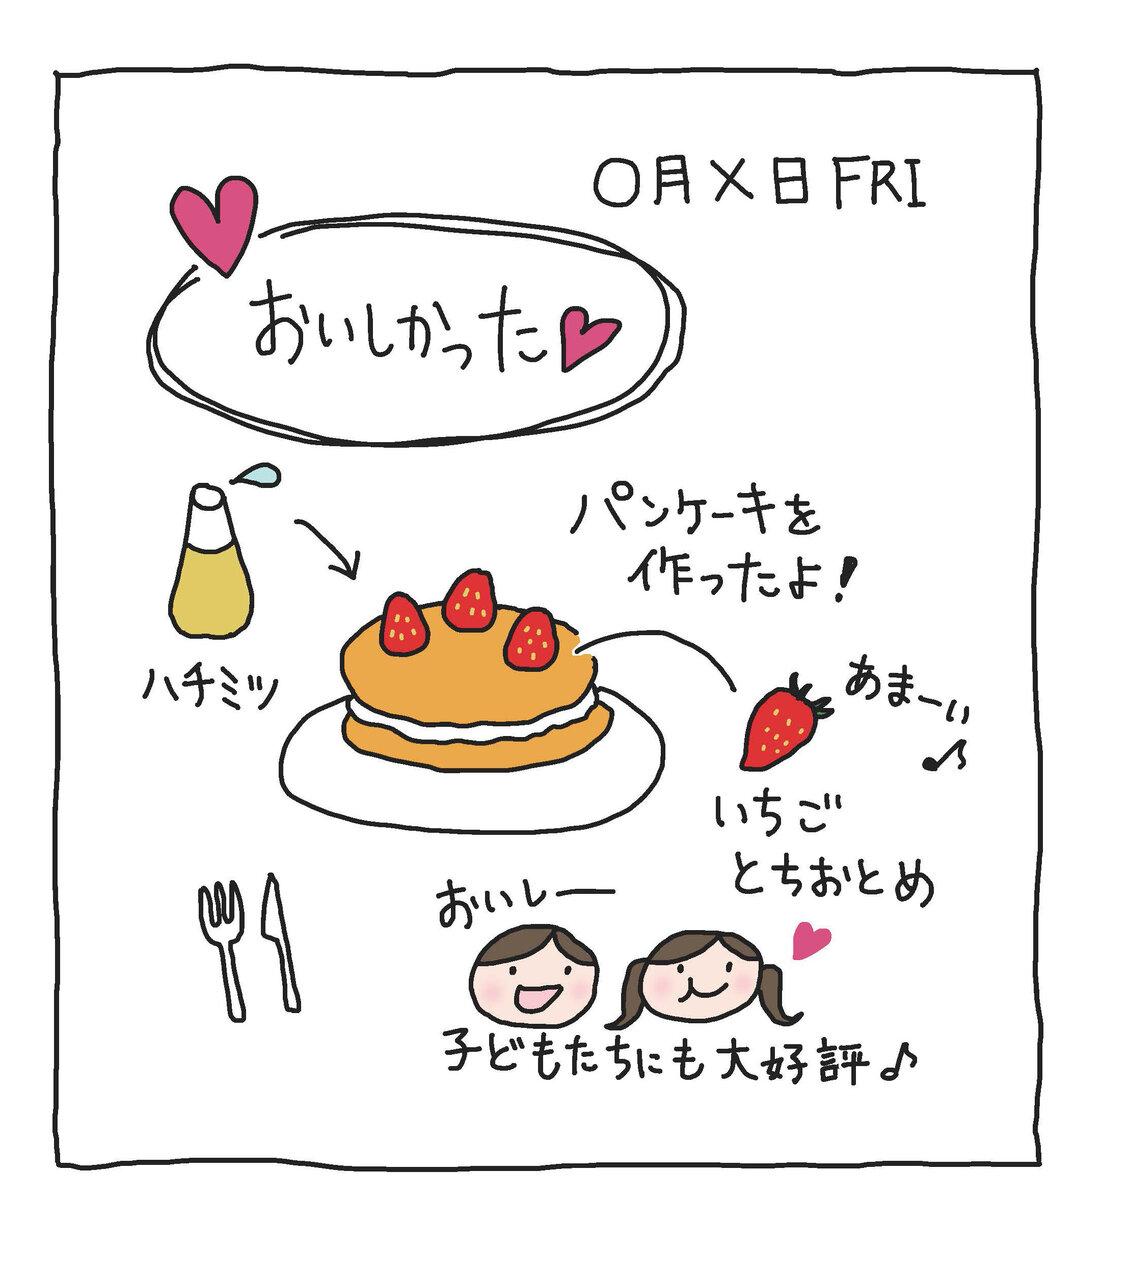 「パンケーキを作った」→「おいしかった」「子どもたちにも大好評」という流れで描きます。